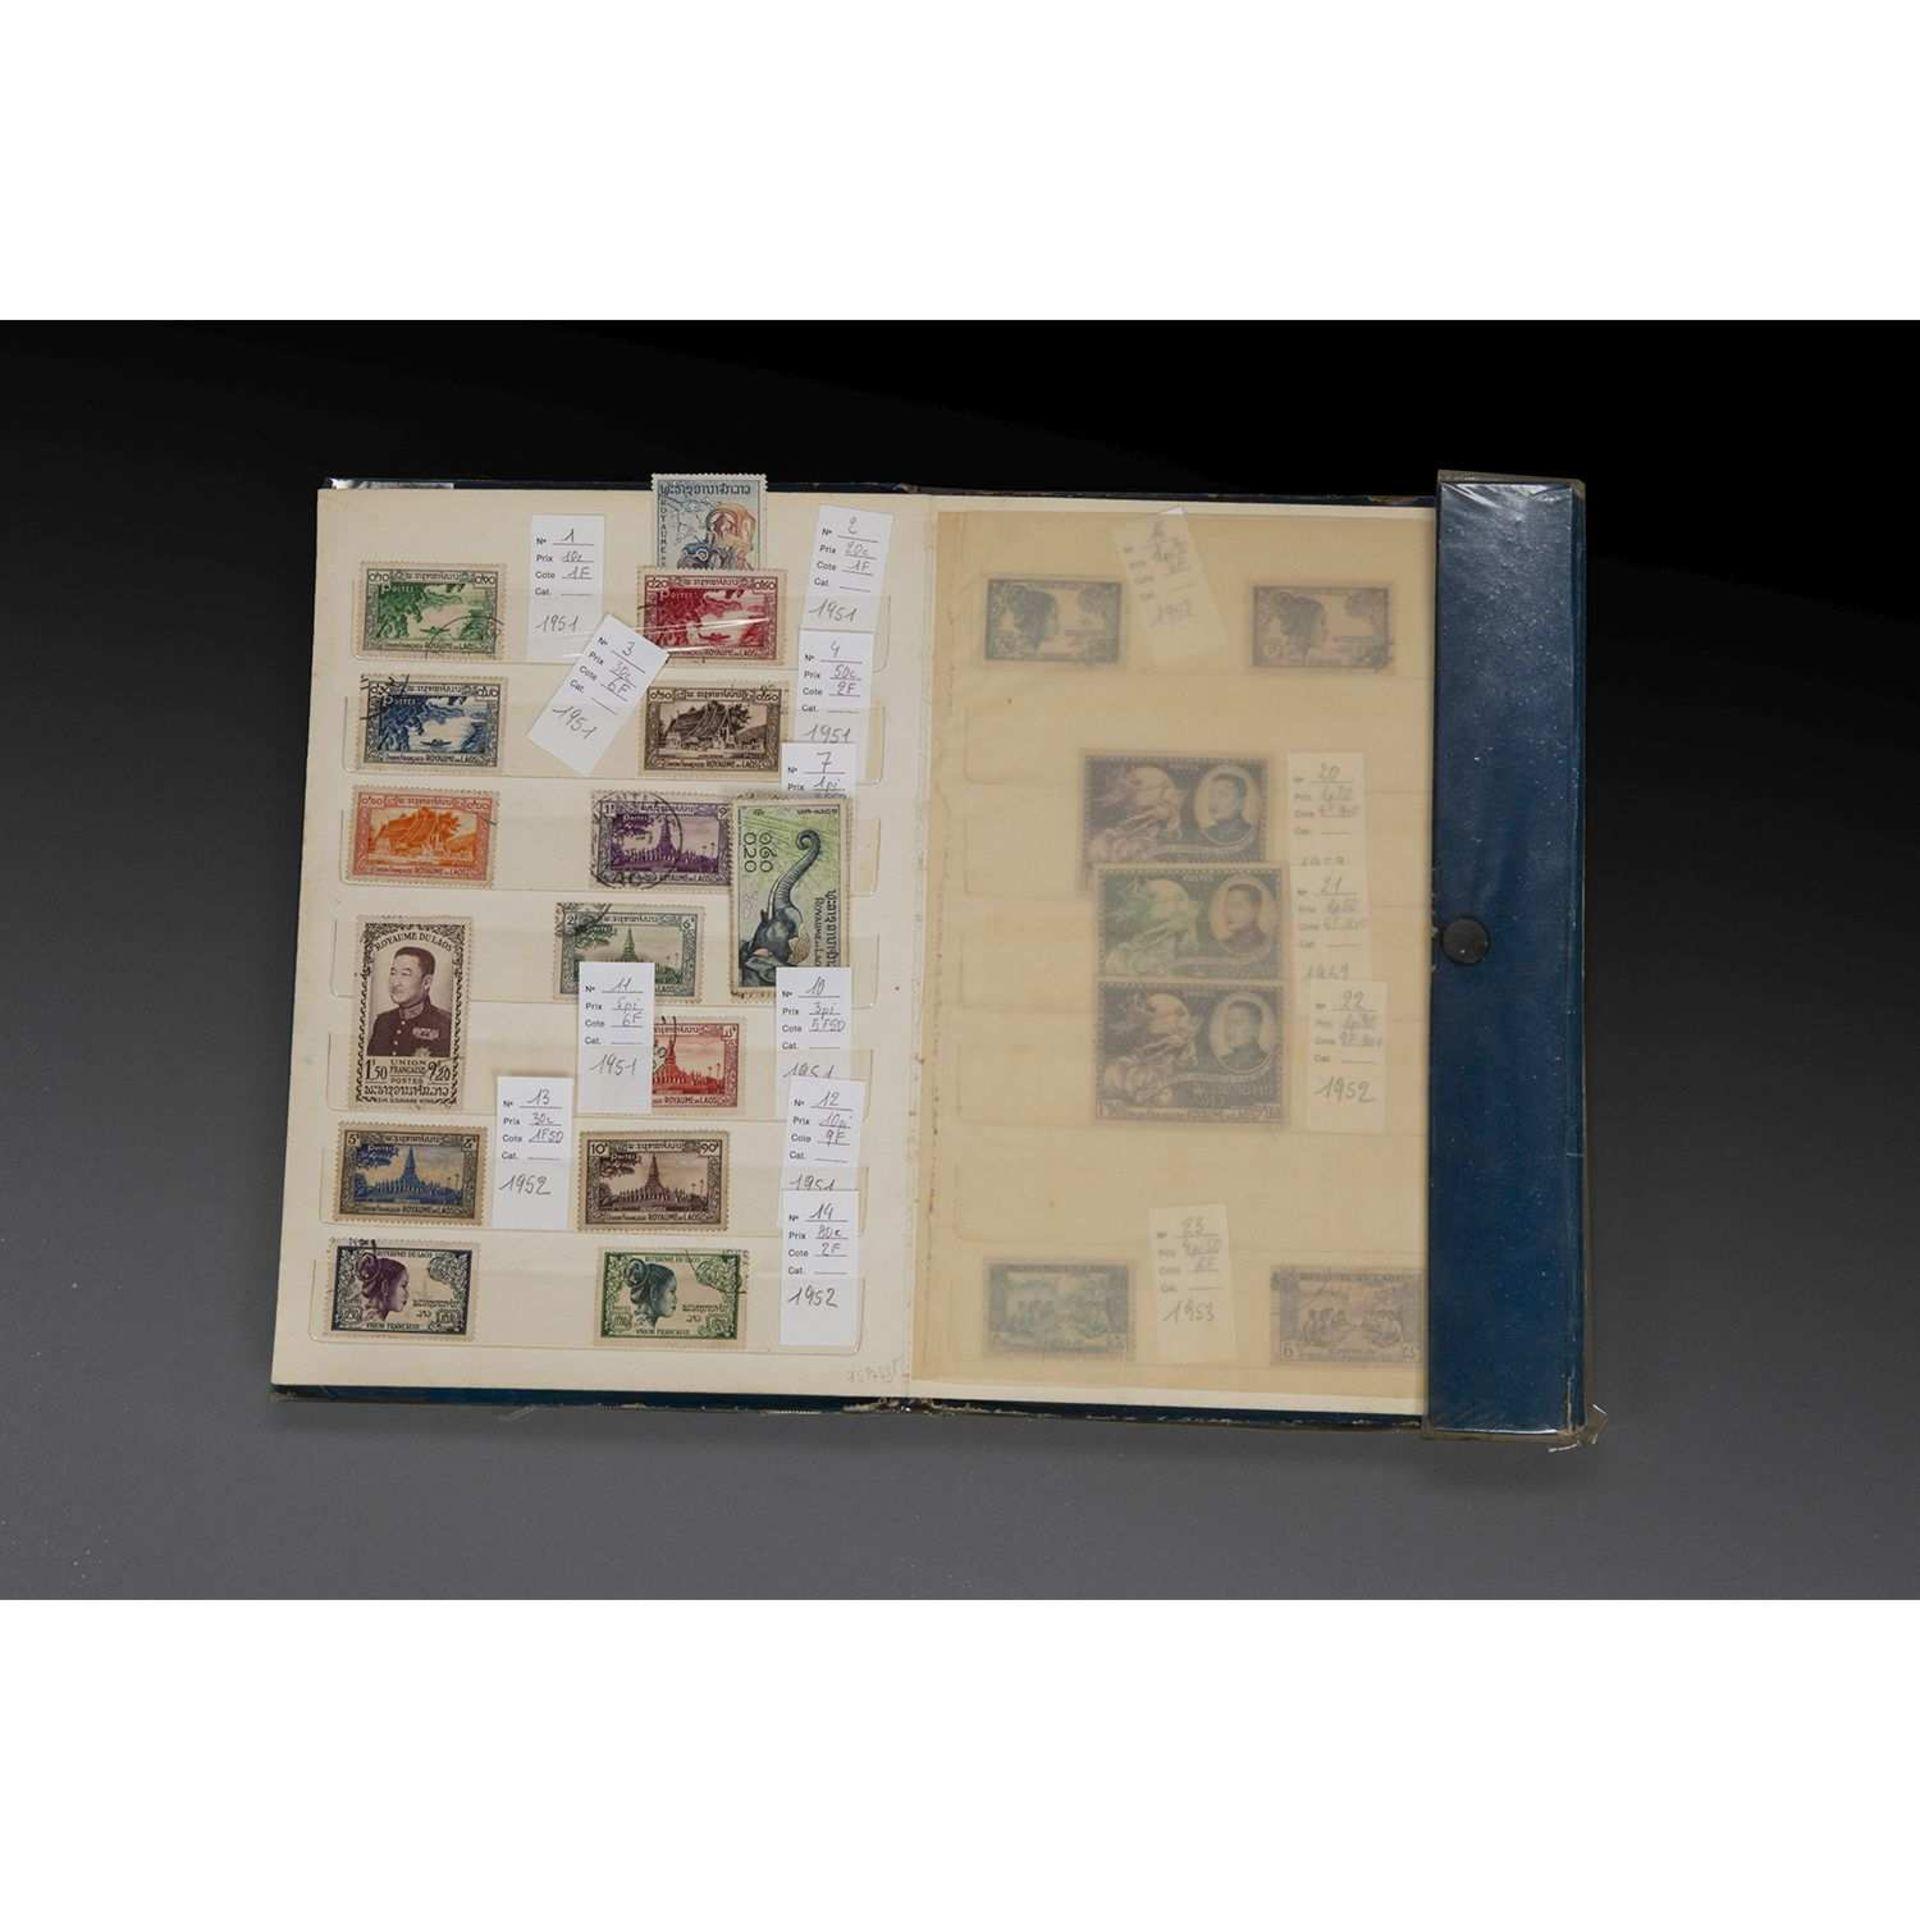 COLLECTION DE TIMBRES DU ROYAUME DU LAOS comprenant 168 timbres, neufs et oblitérés, de 1951 à 1965.